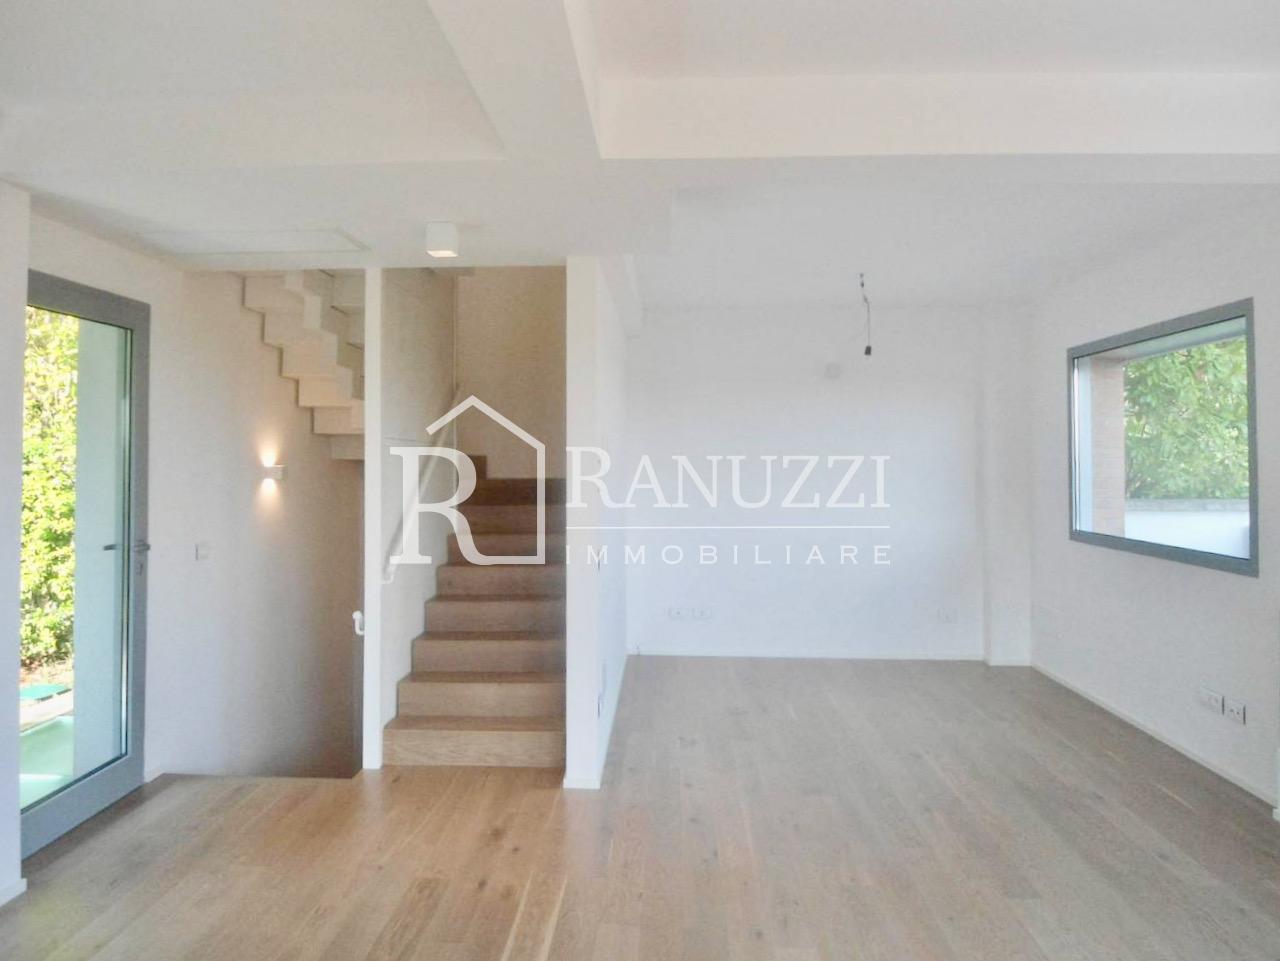 Villa zona funivia_area living_ampia sala con accesso scale